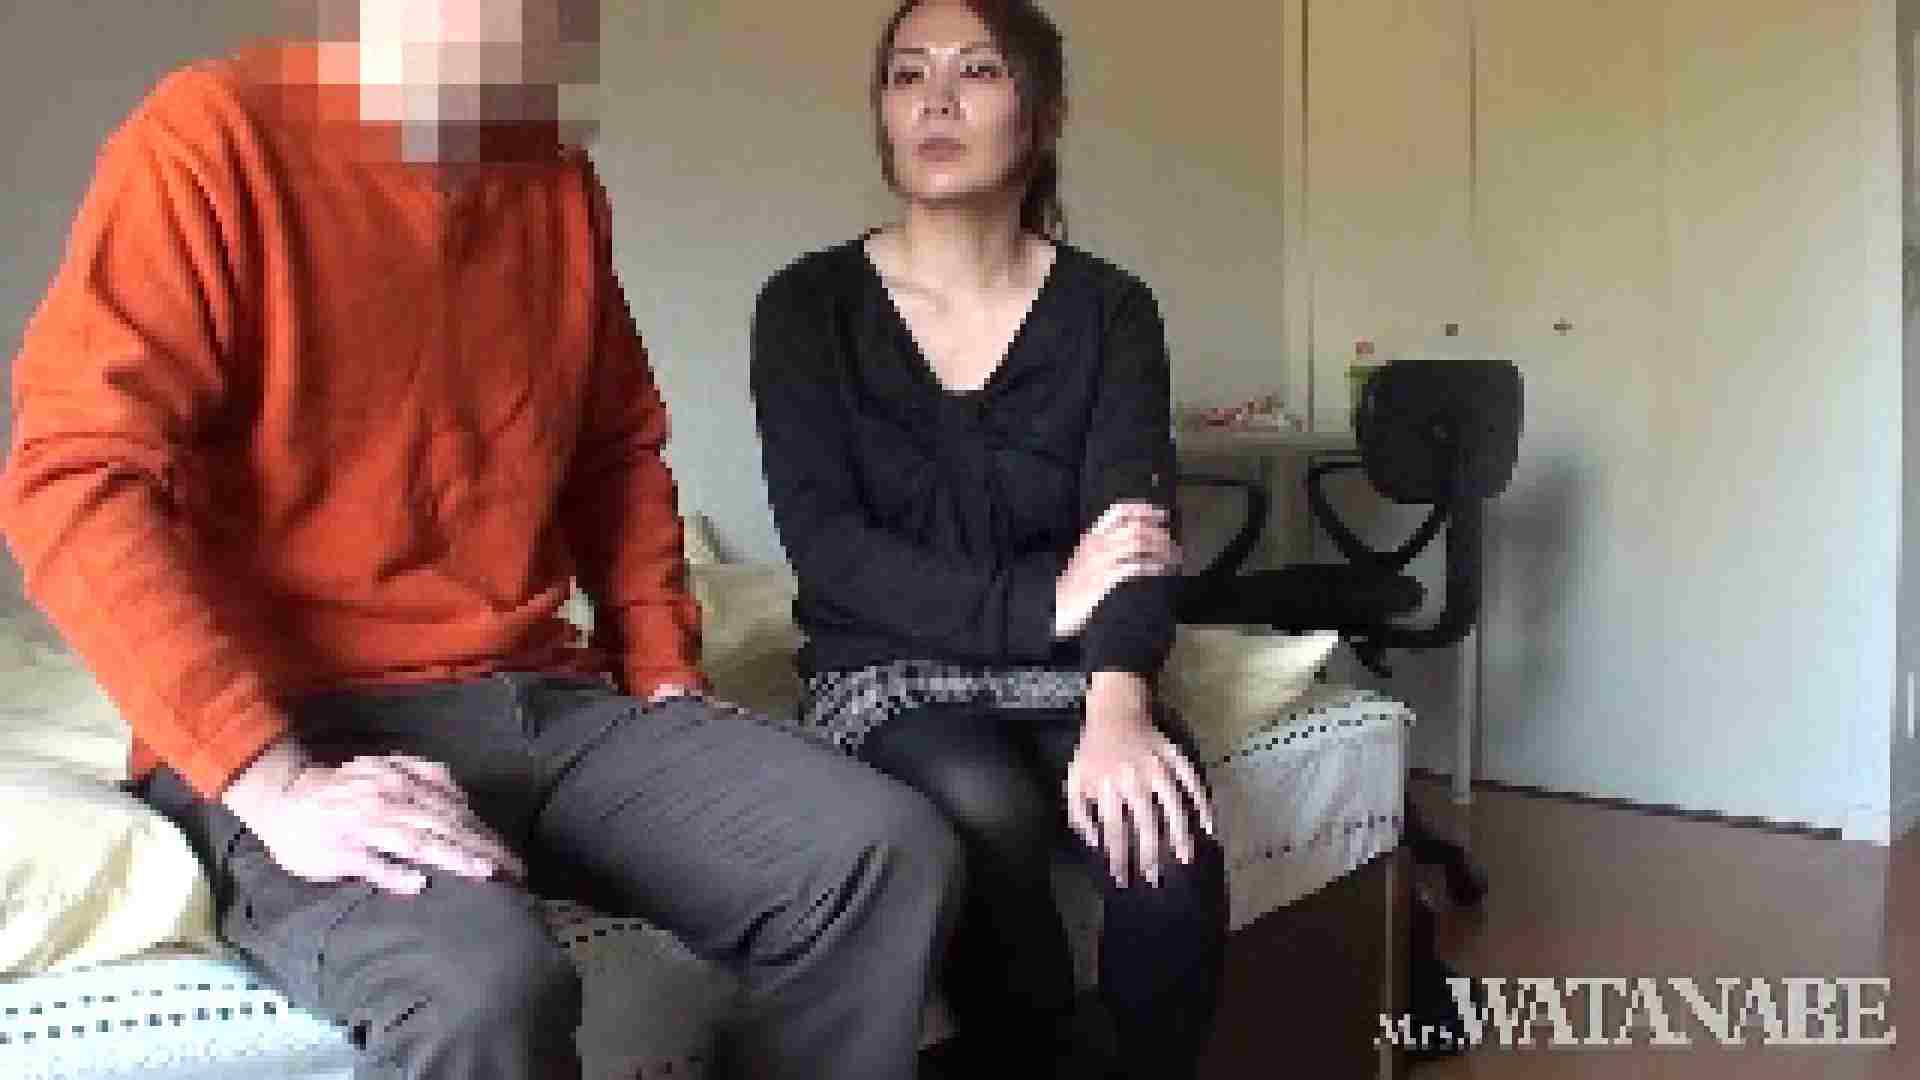 SNSで出会った人妻をハメ撮りしちゃいます 2回目 前編 人妻達のヌード | オナニー特集  65連発 14